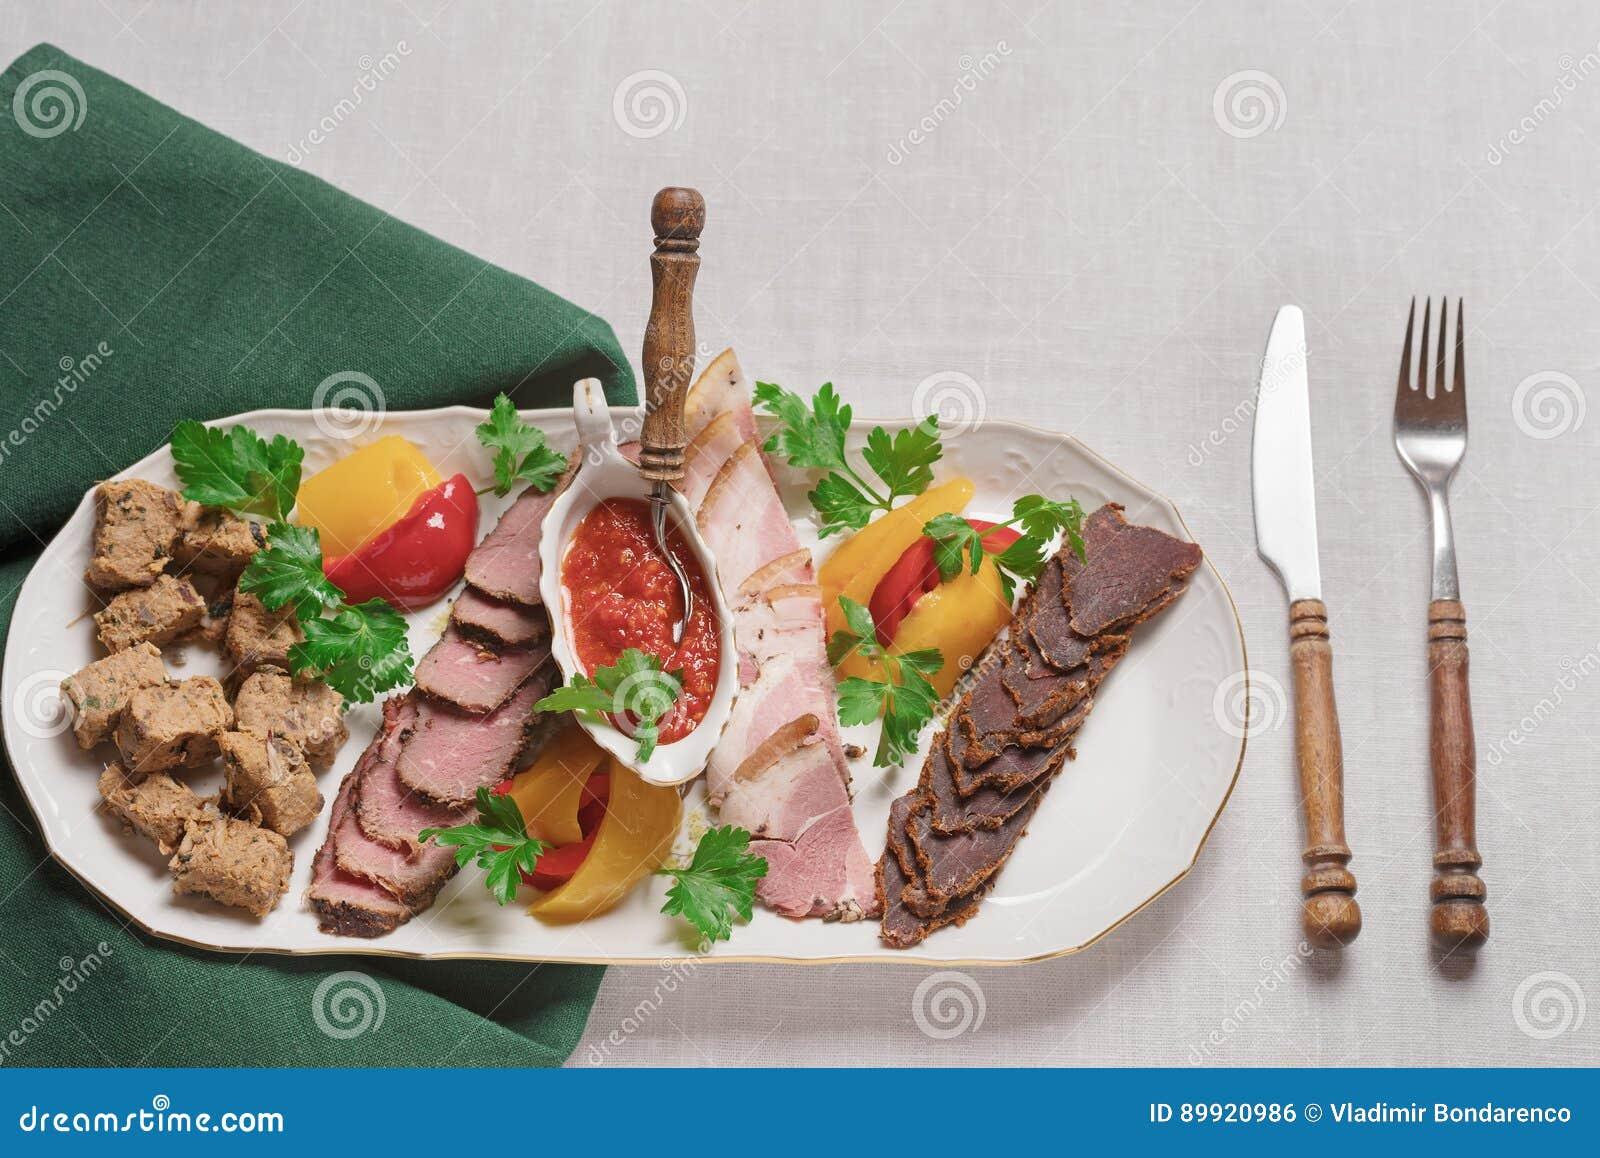 Plaat van vleesdelicatessen van everzwijn, wilde eend, elanden, hazen hoogste mening, close-up